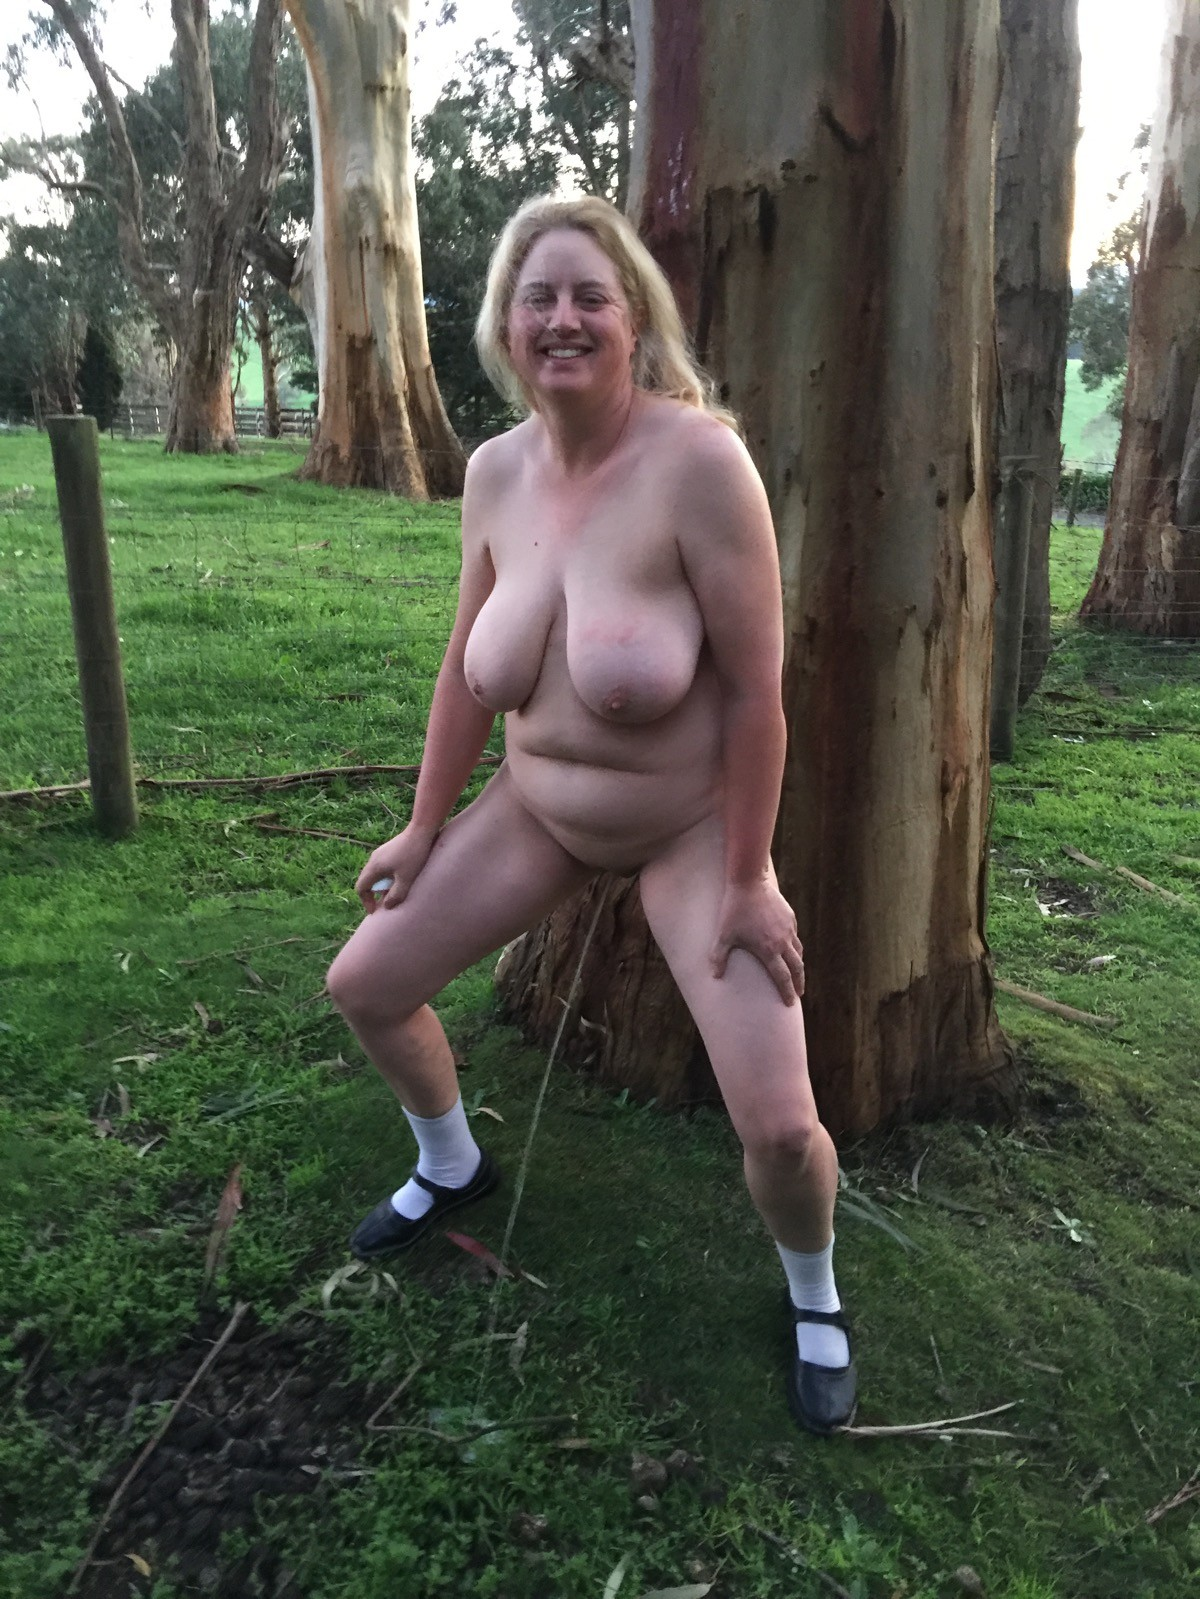 Пухлая австралийка показывает себя возле дерева